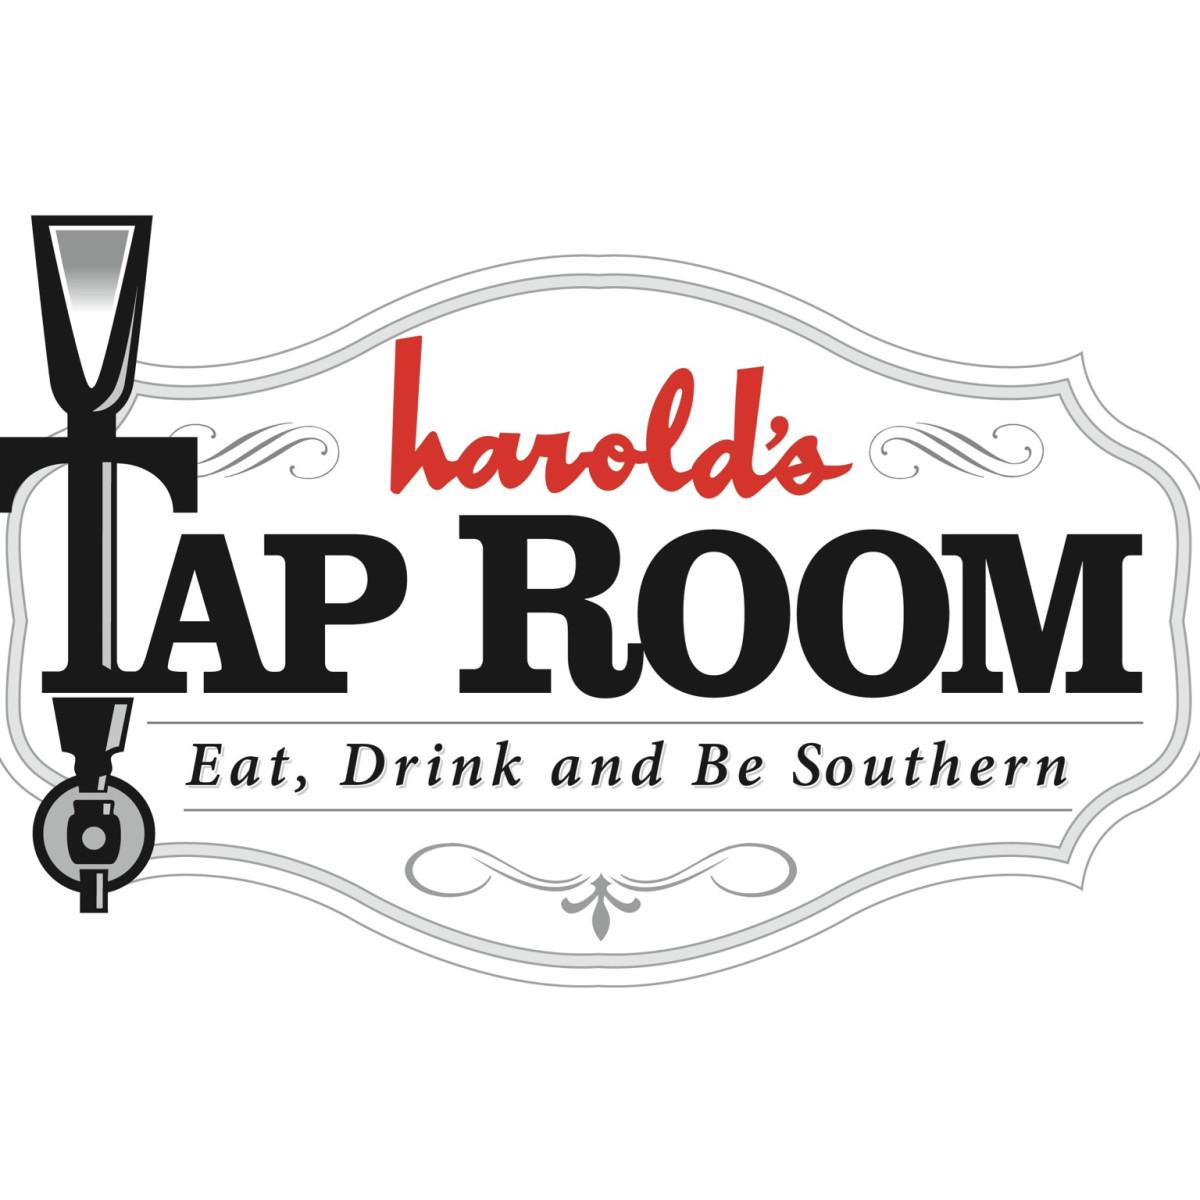 Harold's Tap Room logo